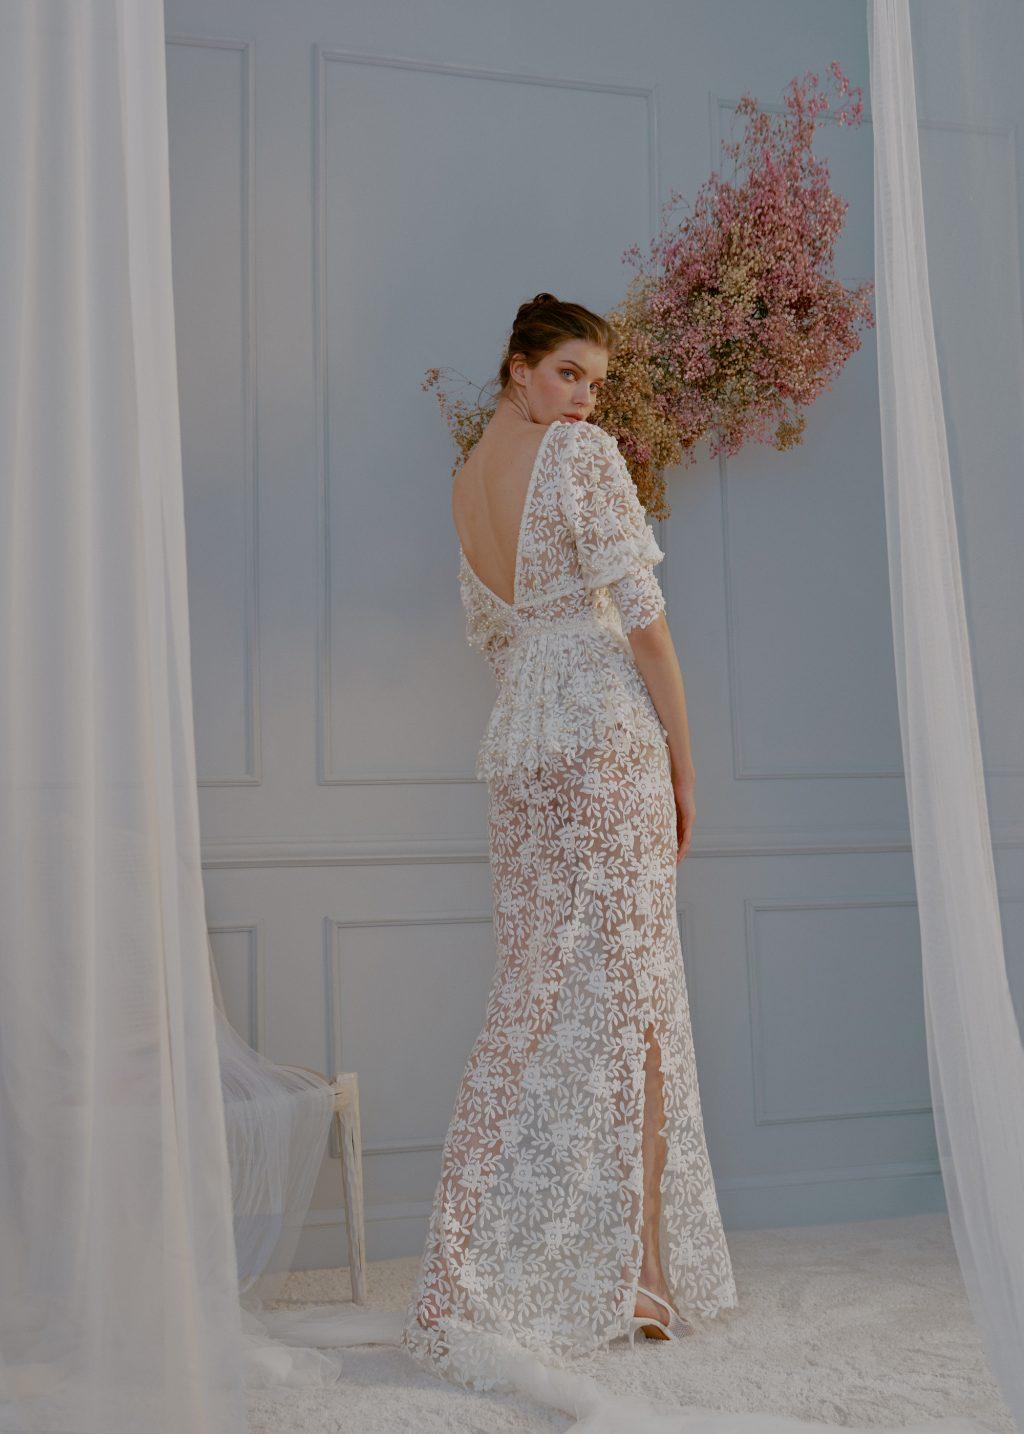 ANGELA PEDREGAL INNUBIBUS NOVIAS 2021 28 - In Nubibus, la Nueva Colección de Vestidos de Ángela Pedregal